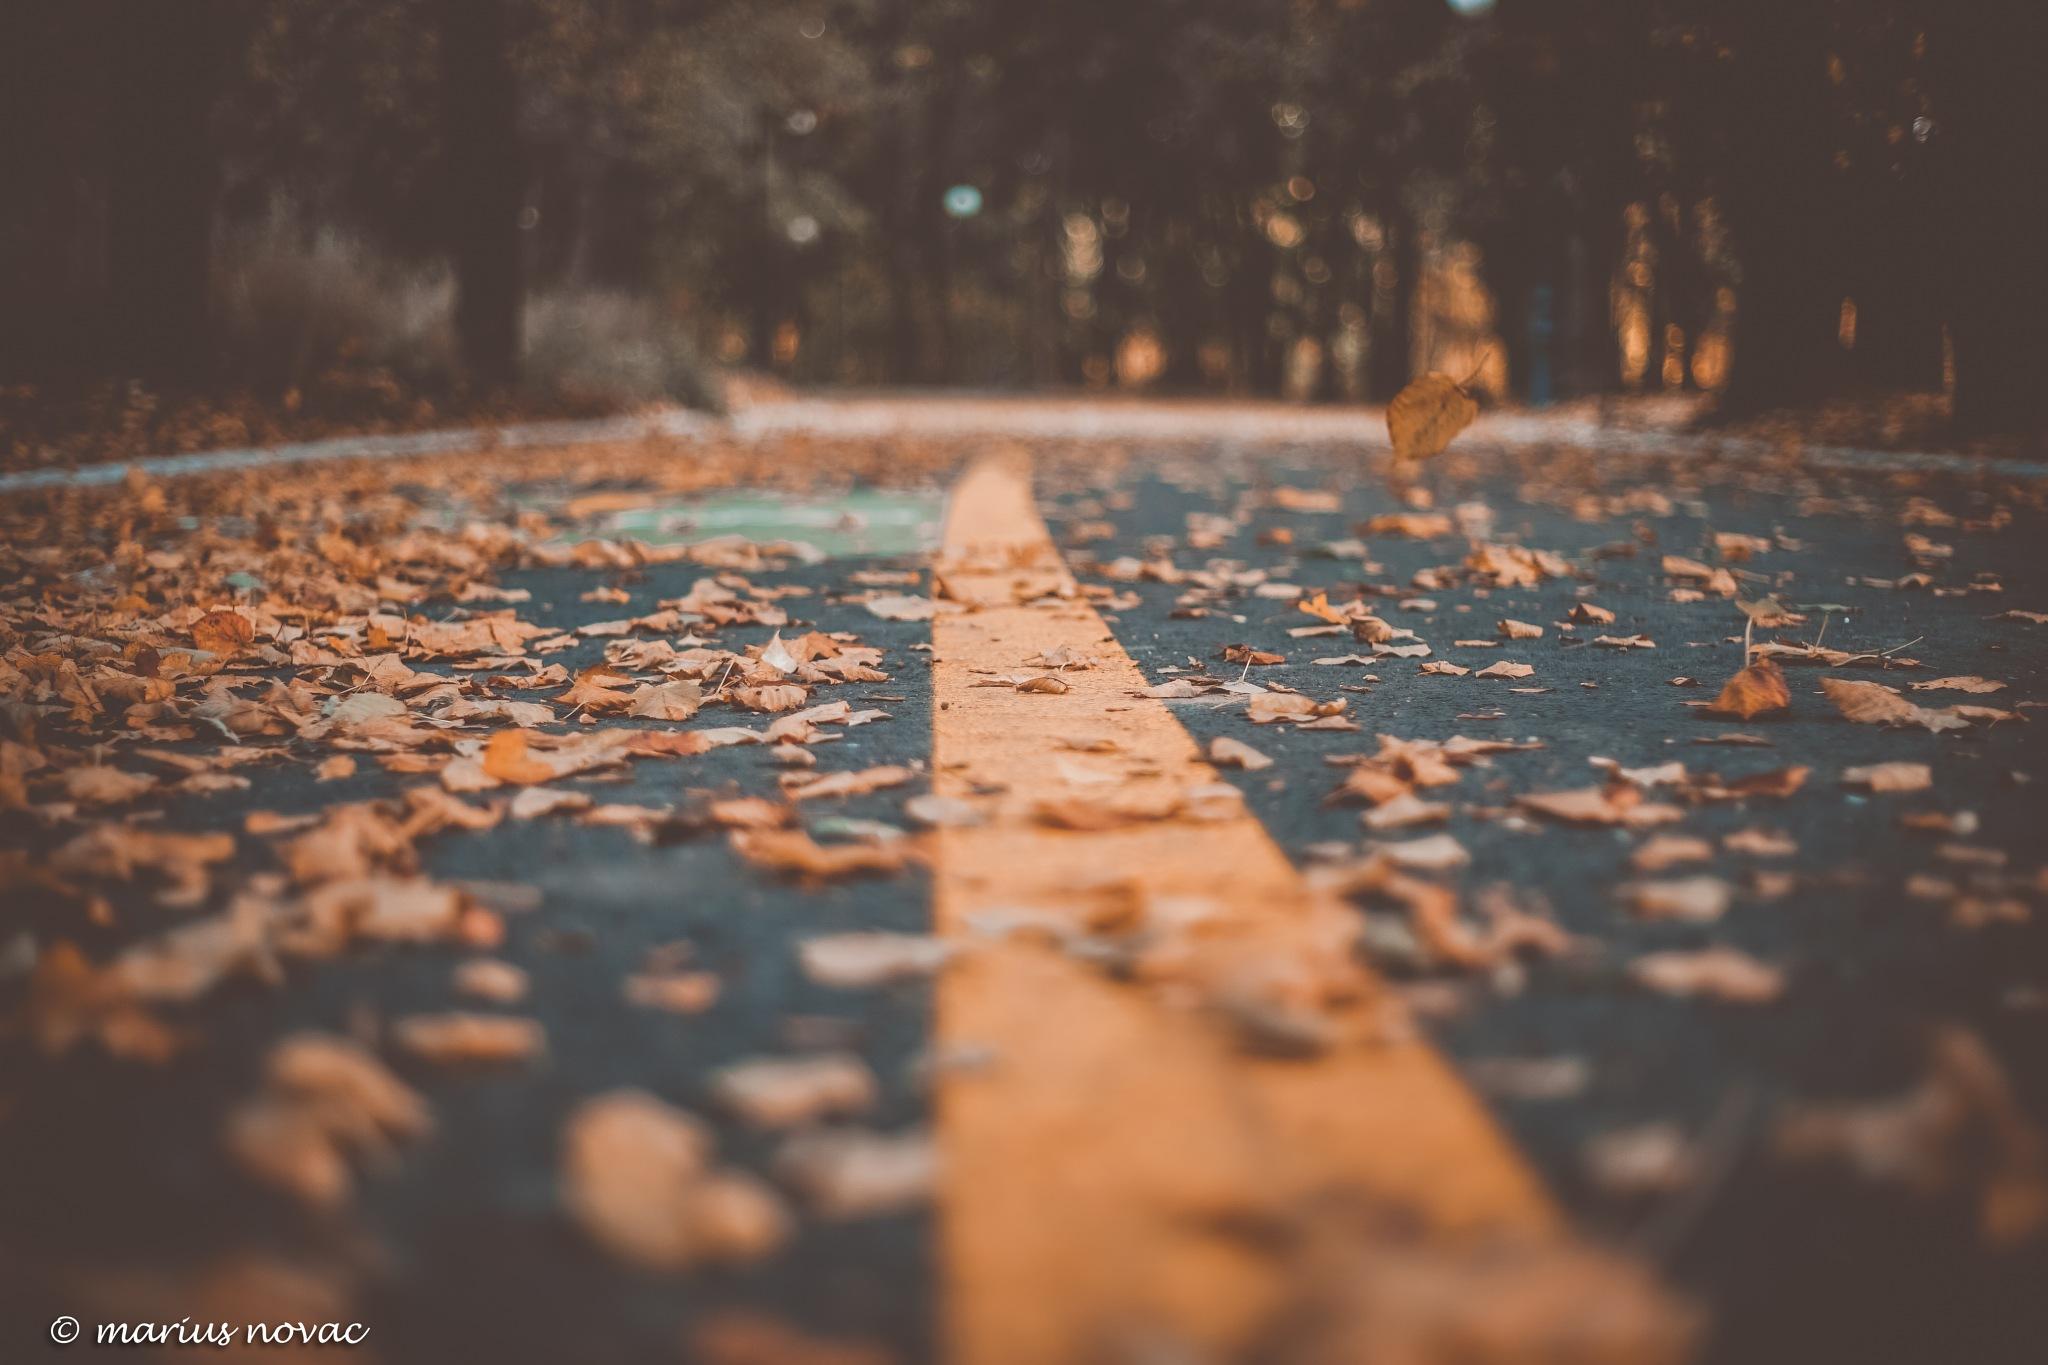 Autumn in the city by mariusnovac